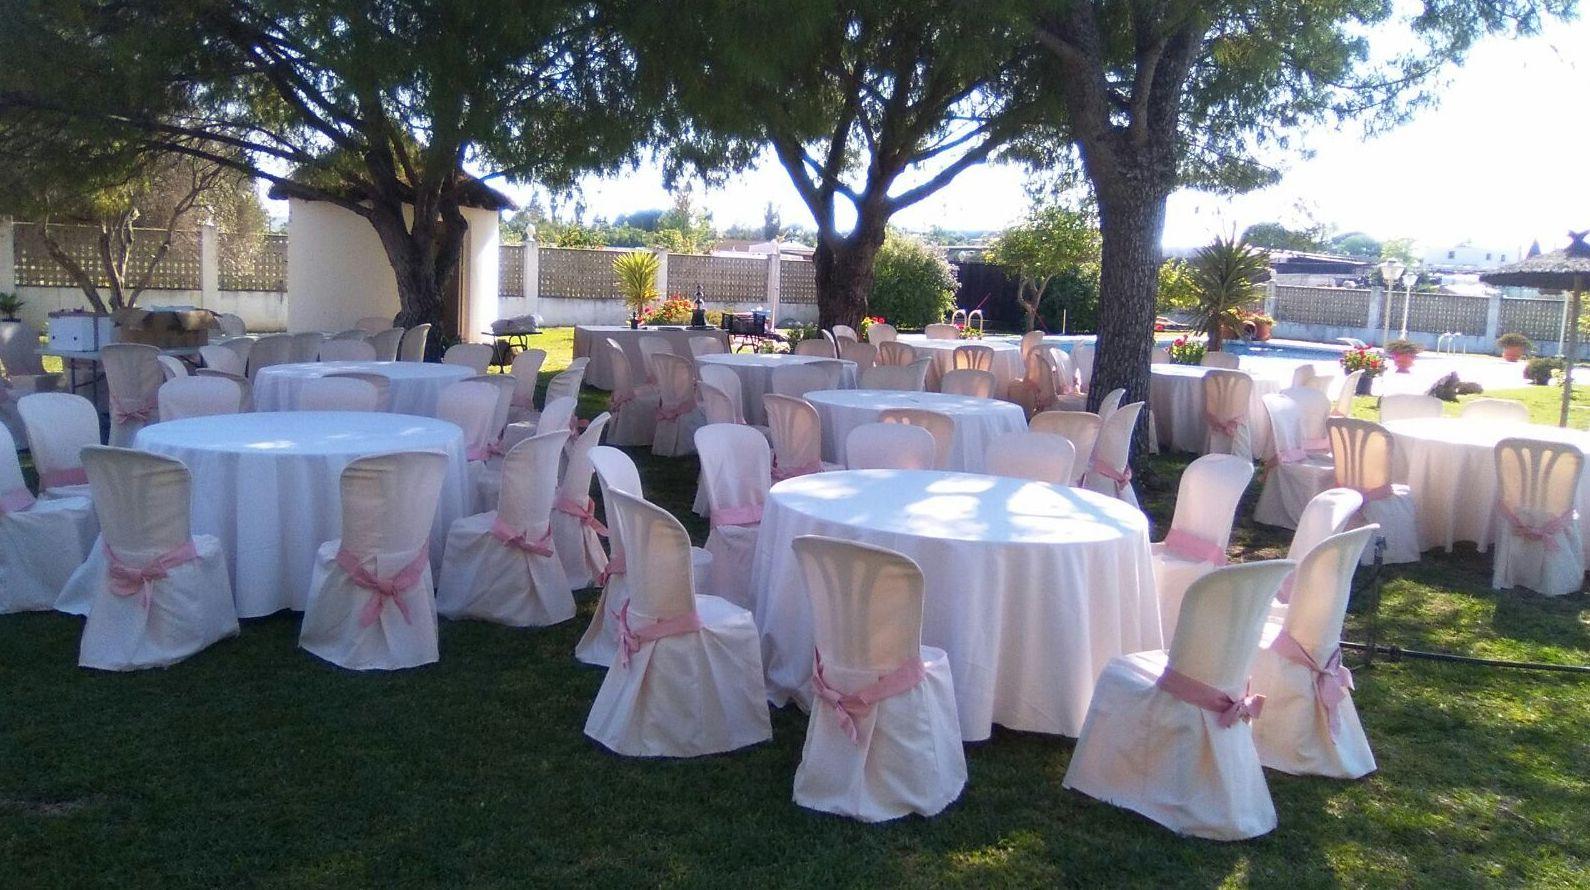 Foto 39 de Alquiler de sillas, mesas y menaje en Jerez de la Frontera | Jedal Alquileres